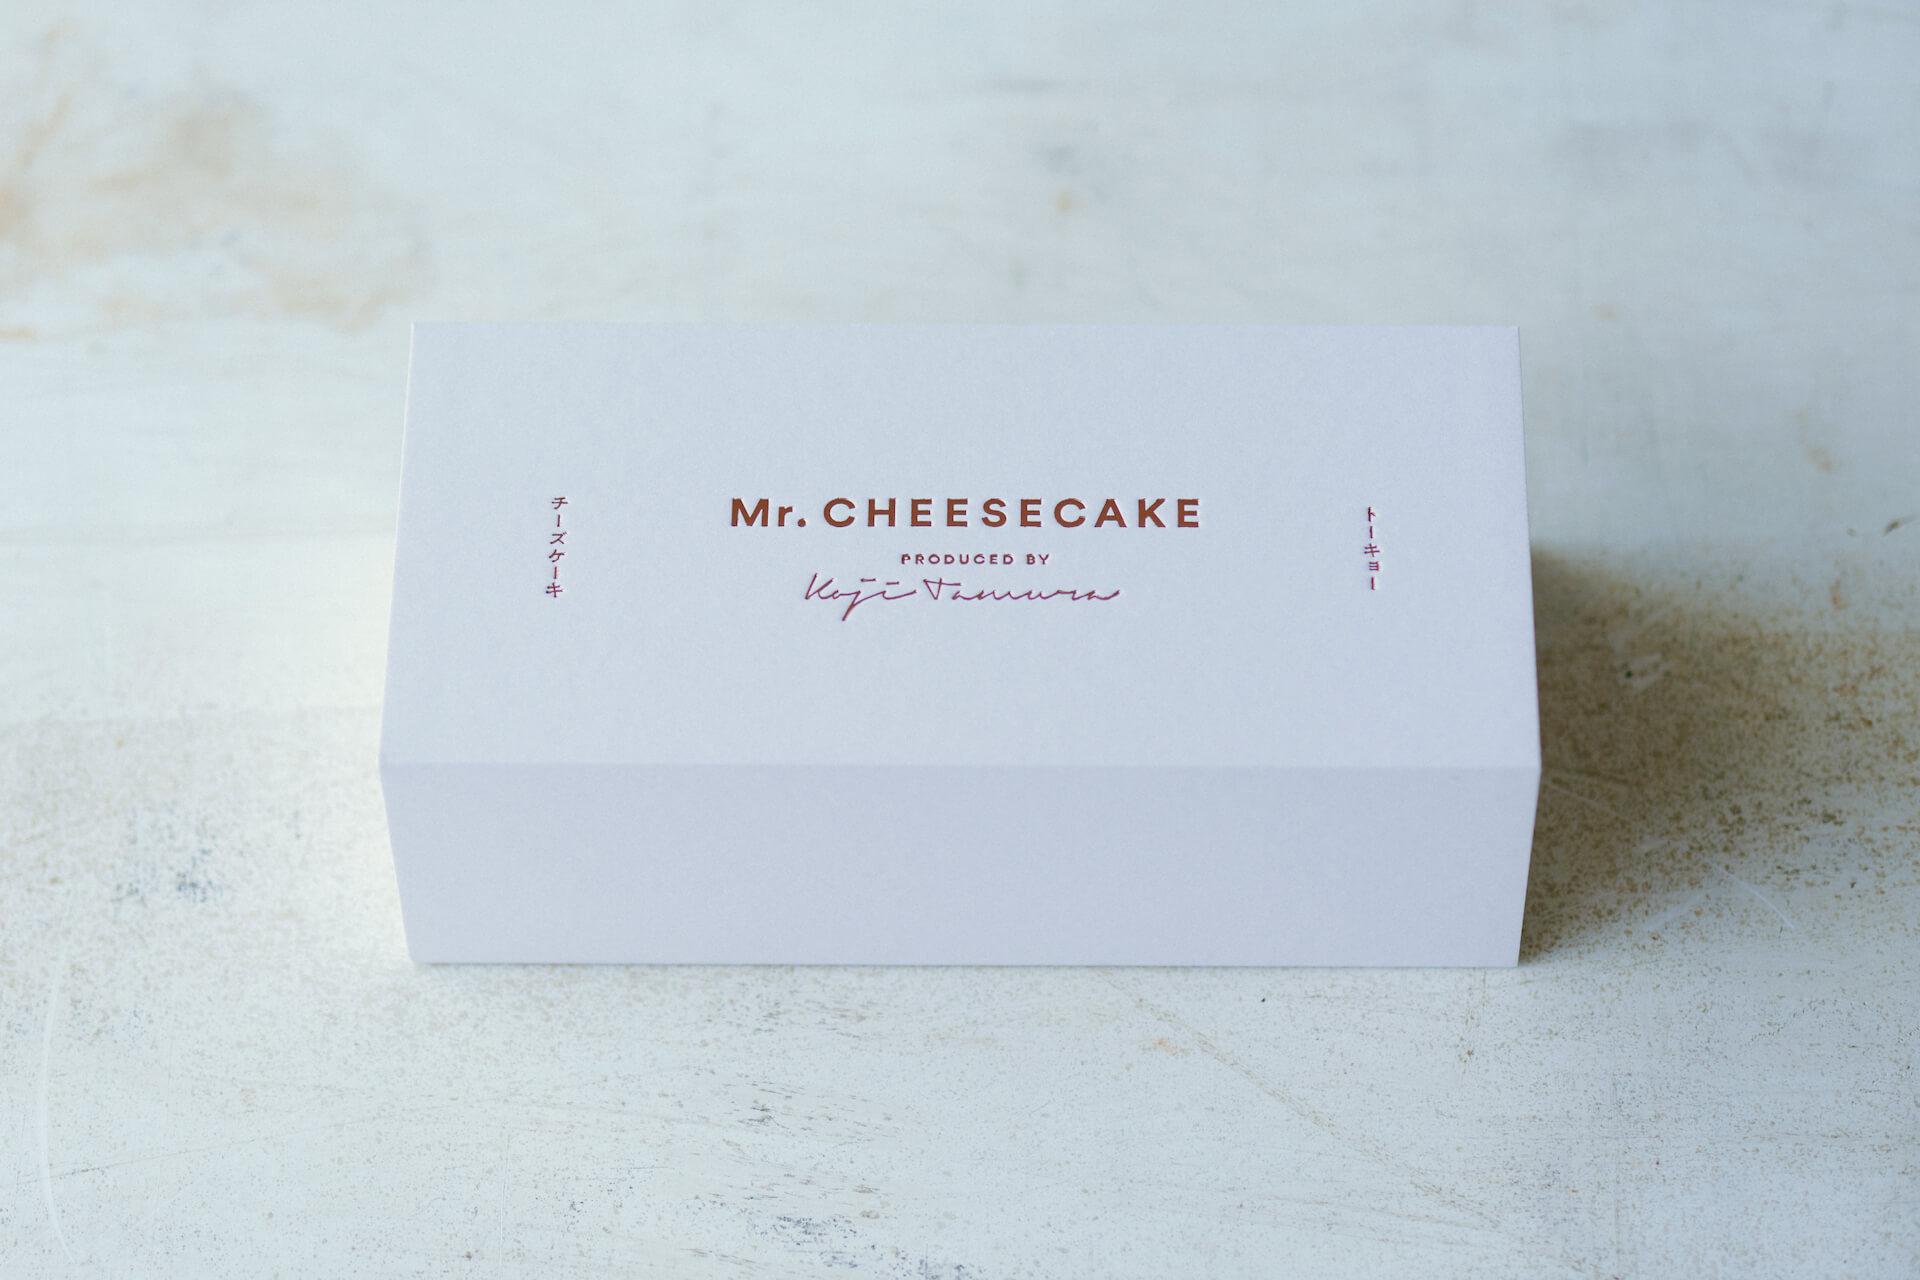 極上のチーズケーキがあなたの街にやってくる!Mr. CHEESECAKEのポップアップストアが全国8ヶ所でオープン gourmet210915_mrcheesecake_5